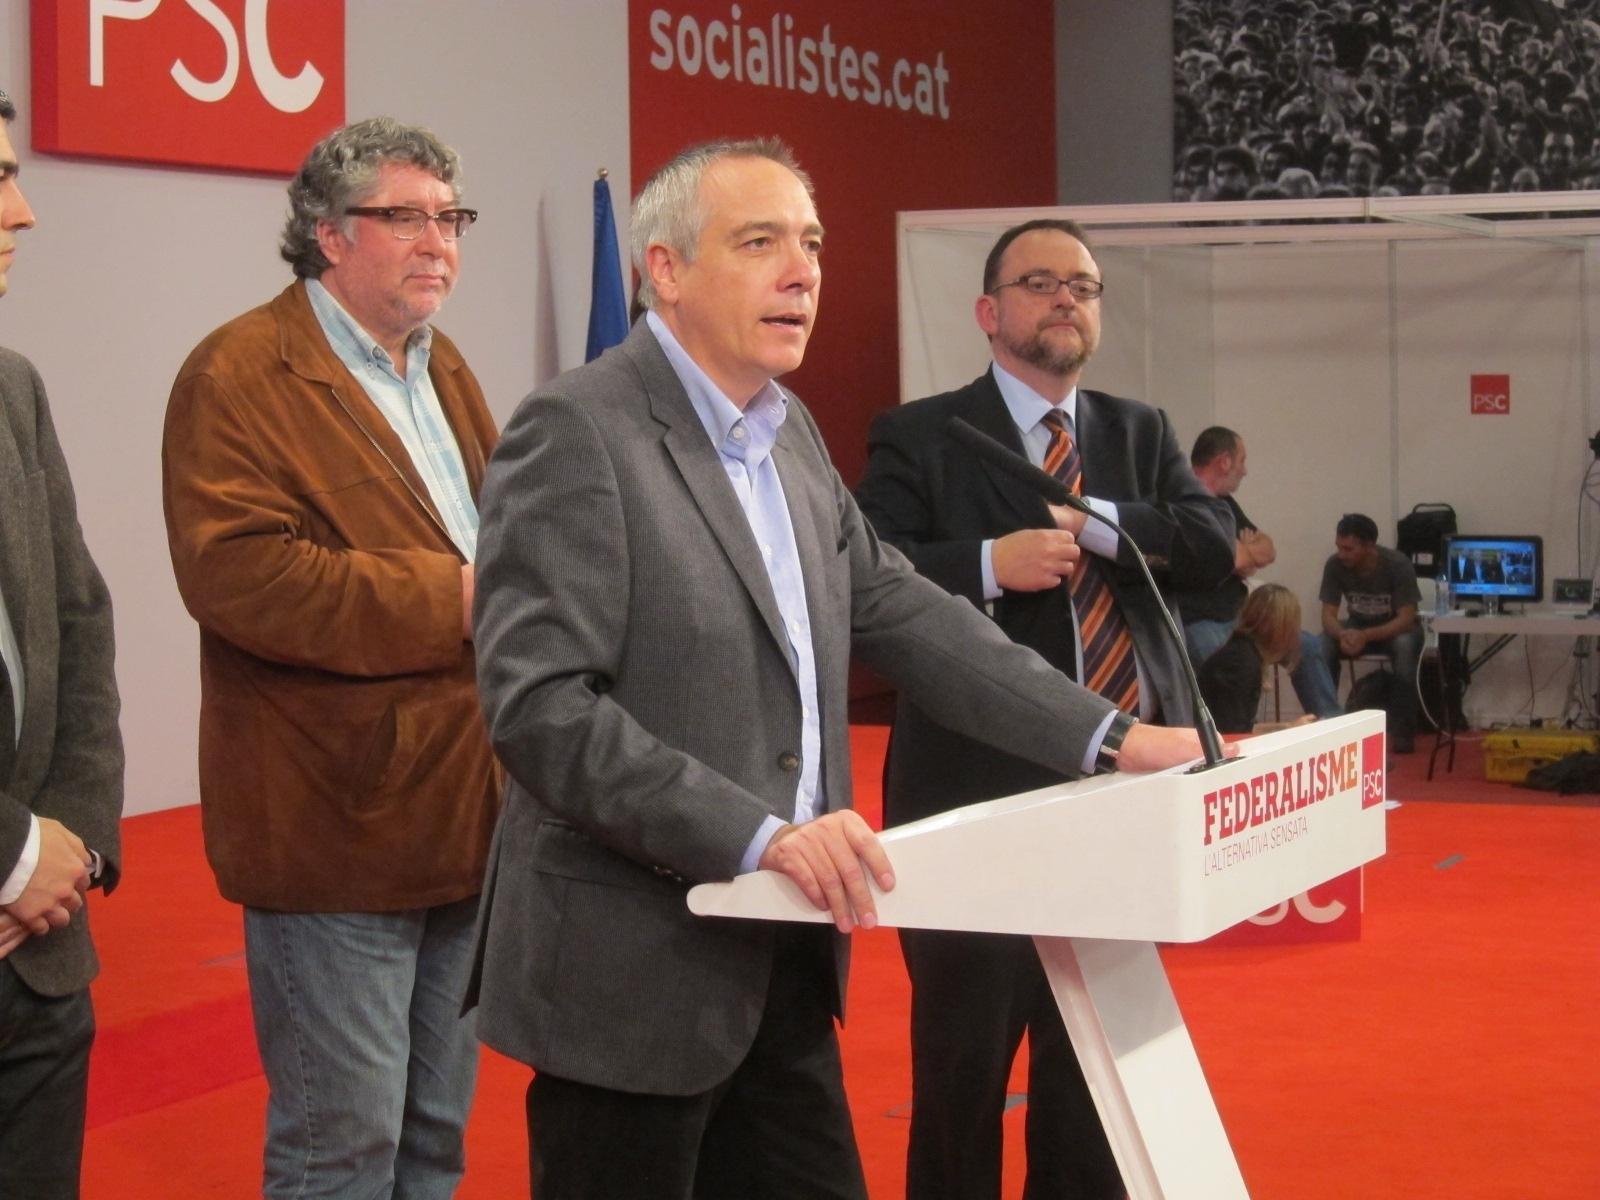 El PSC admite su retroceso pero dice que el «gran fracaso» electoral es para Mas